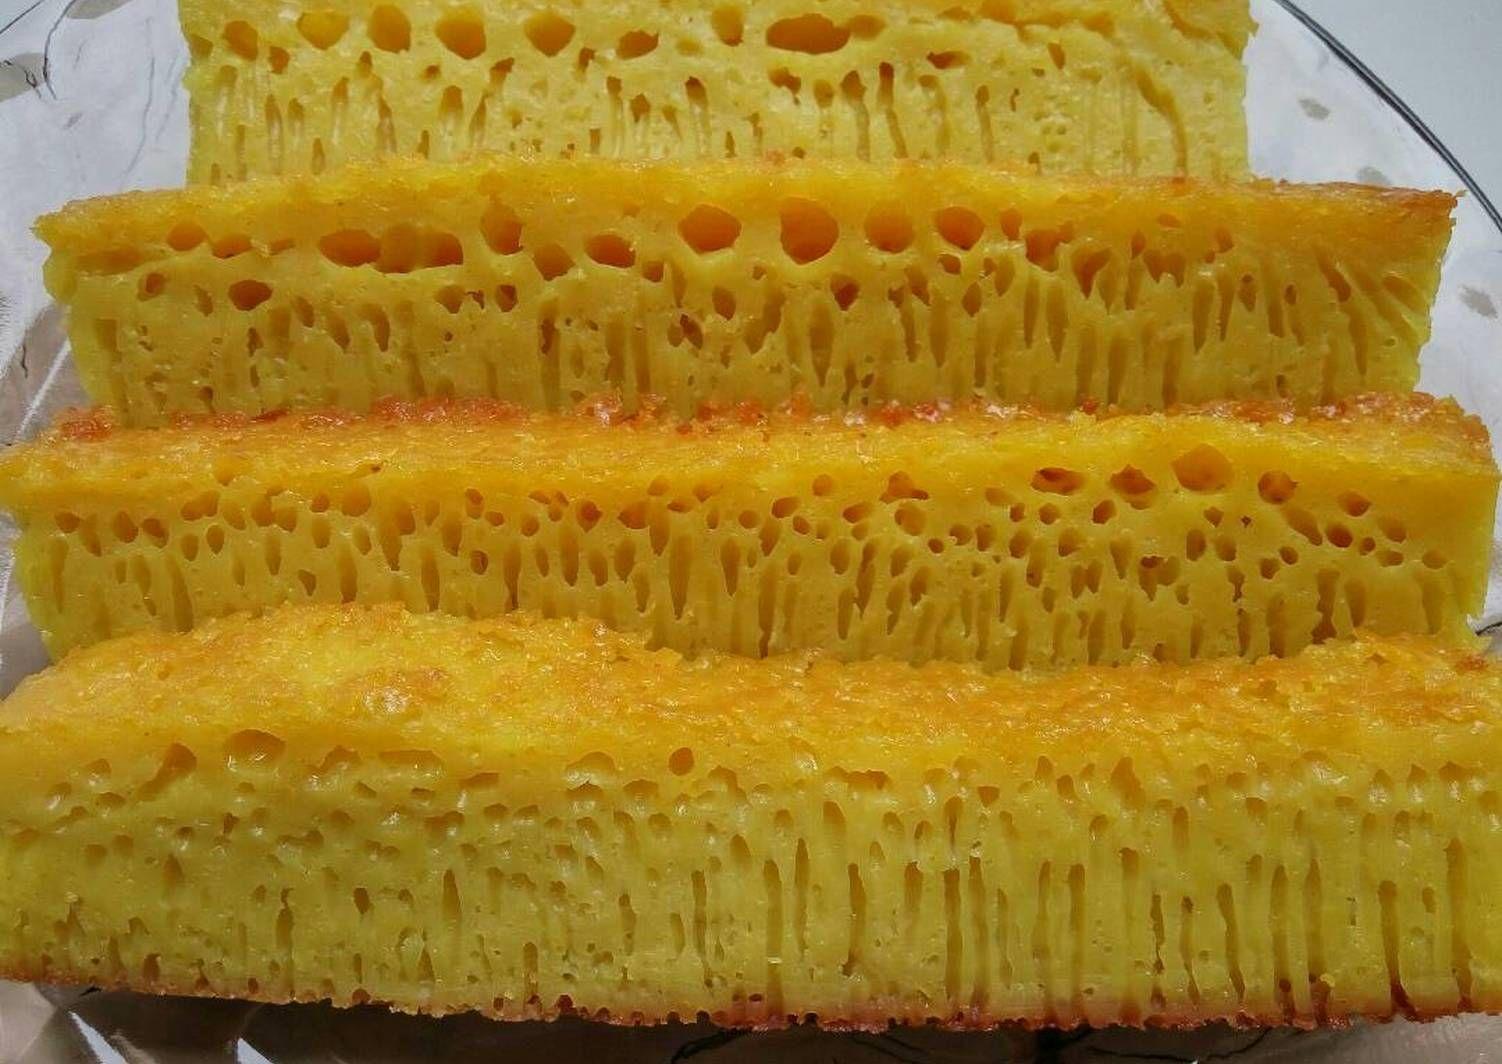 Resep Bika Ambon Simple 5 Telur Oleh Megie Yunita Resep Makanan Roti Hot Dog Resep